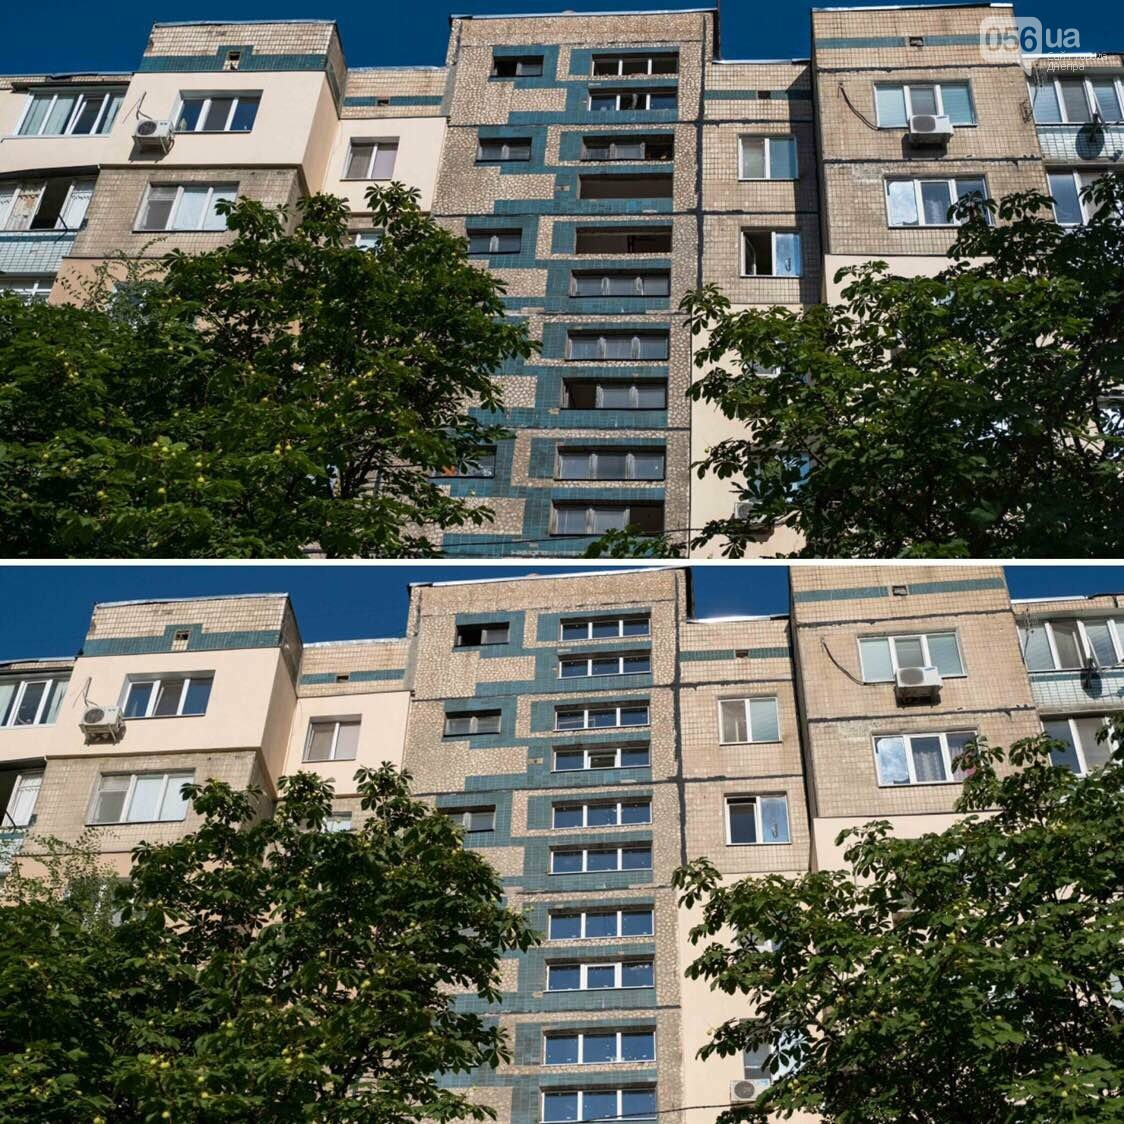 Решение проблем ЖКХ и бесплатные юрконсультации: как Сергей Шевченко помогает жителям округа, фото-1